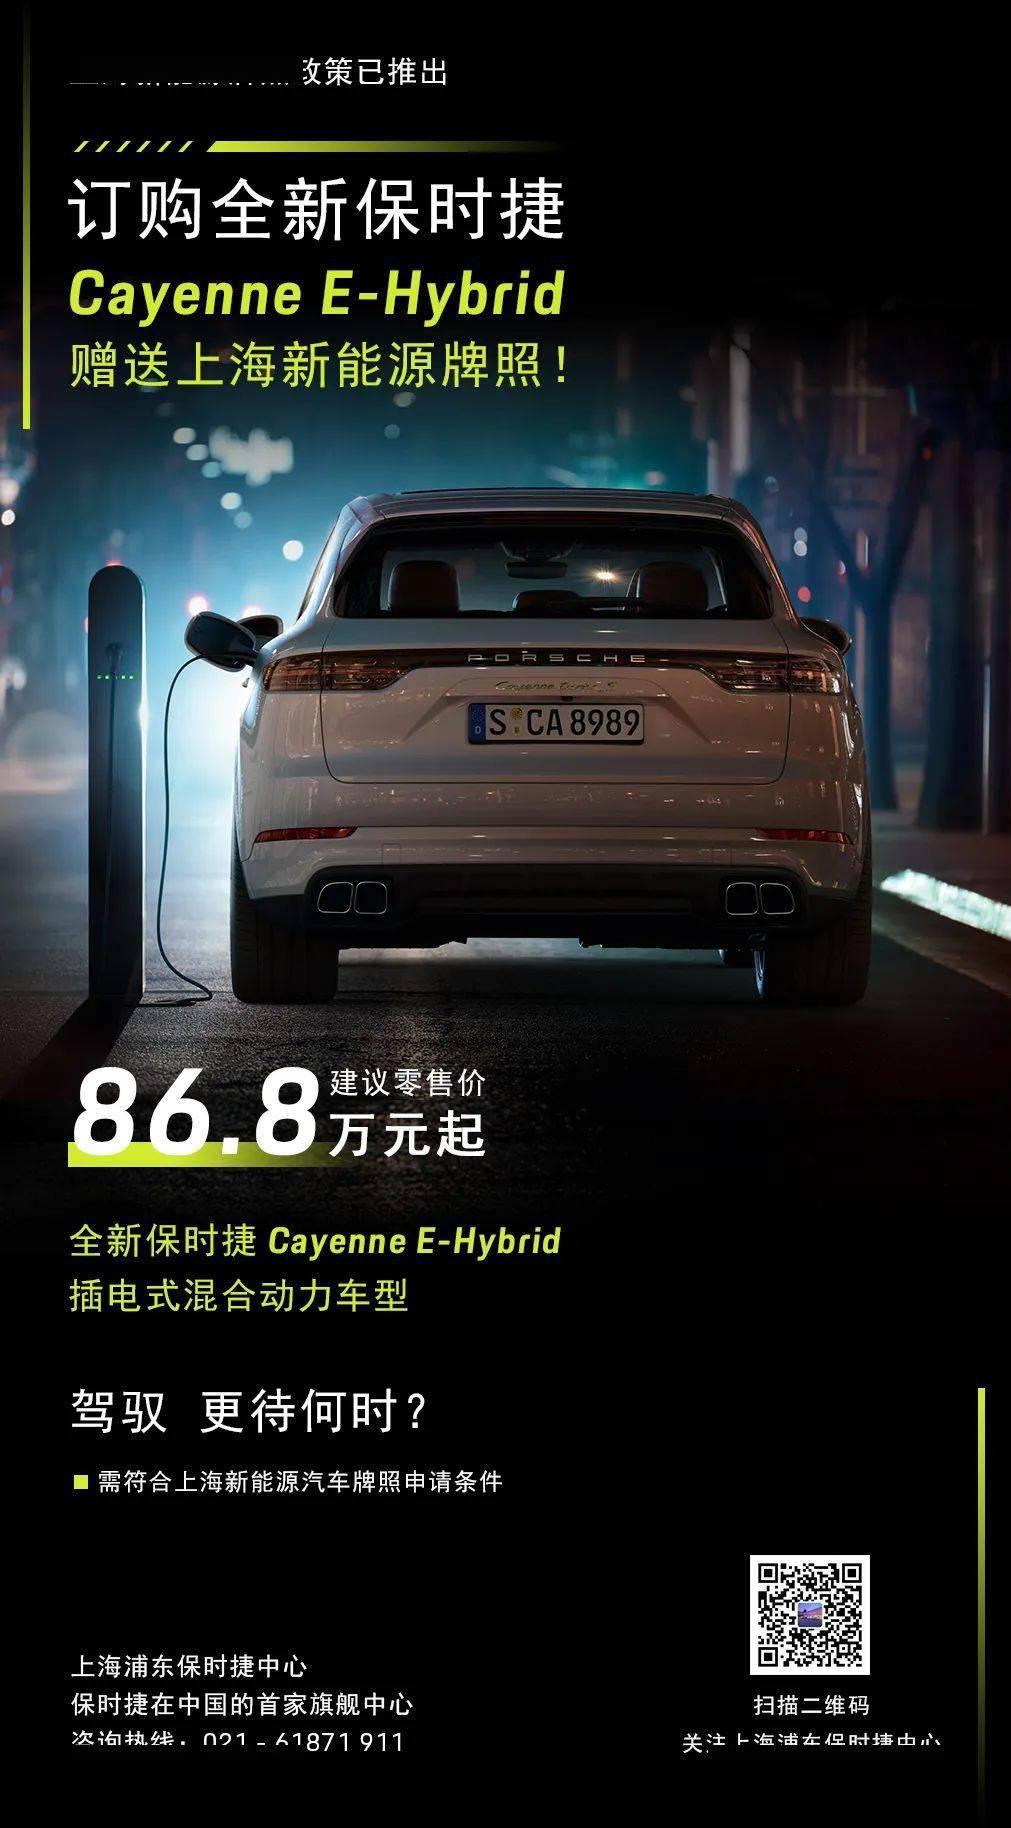 上海浦东保时捷中心订购卡宴E-Hybrid送新能源上海品牌!